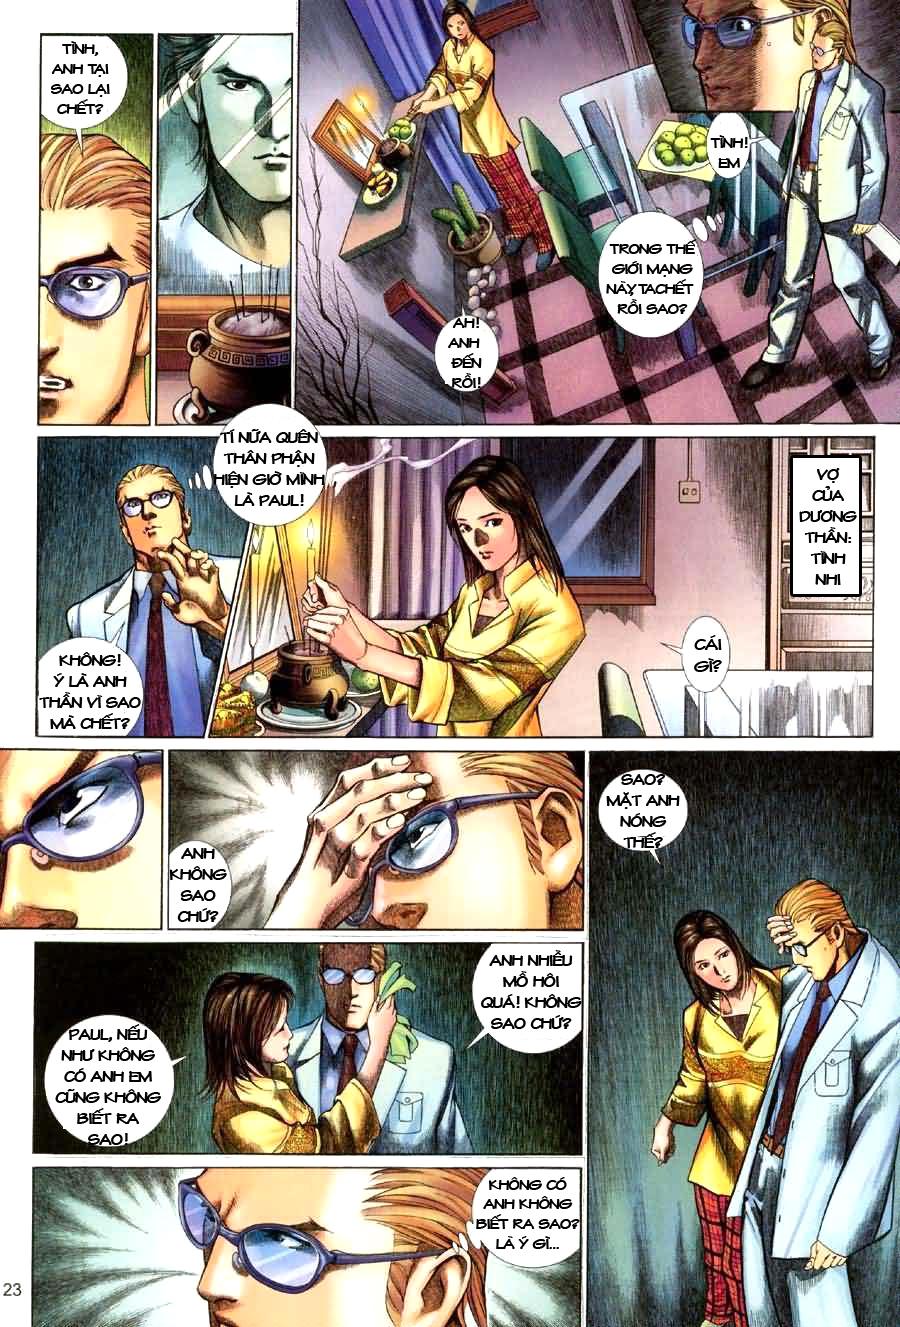 Quỷ Mộ chap 001 trang 23